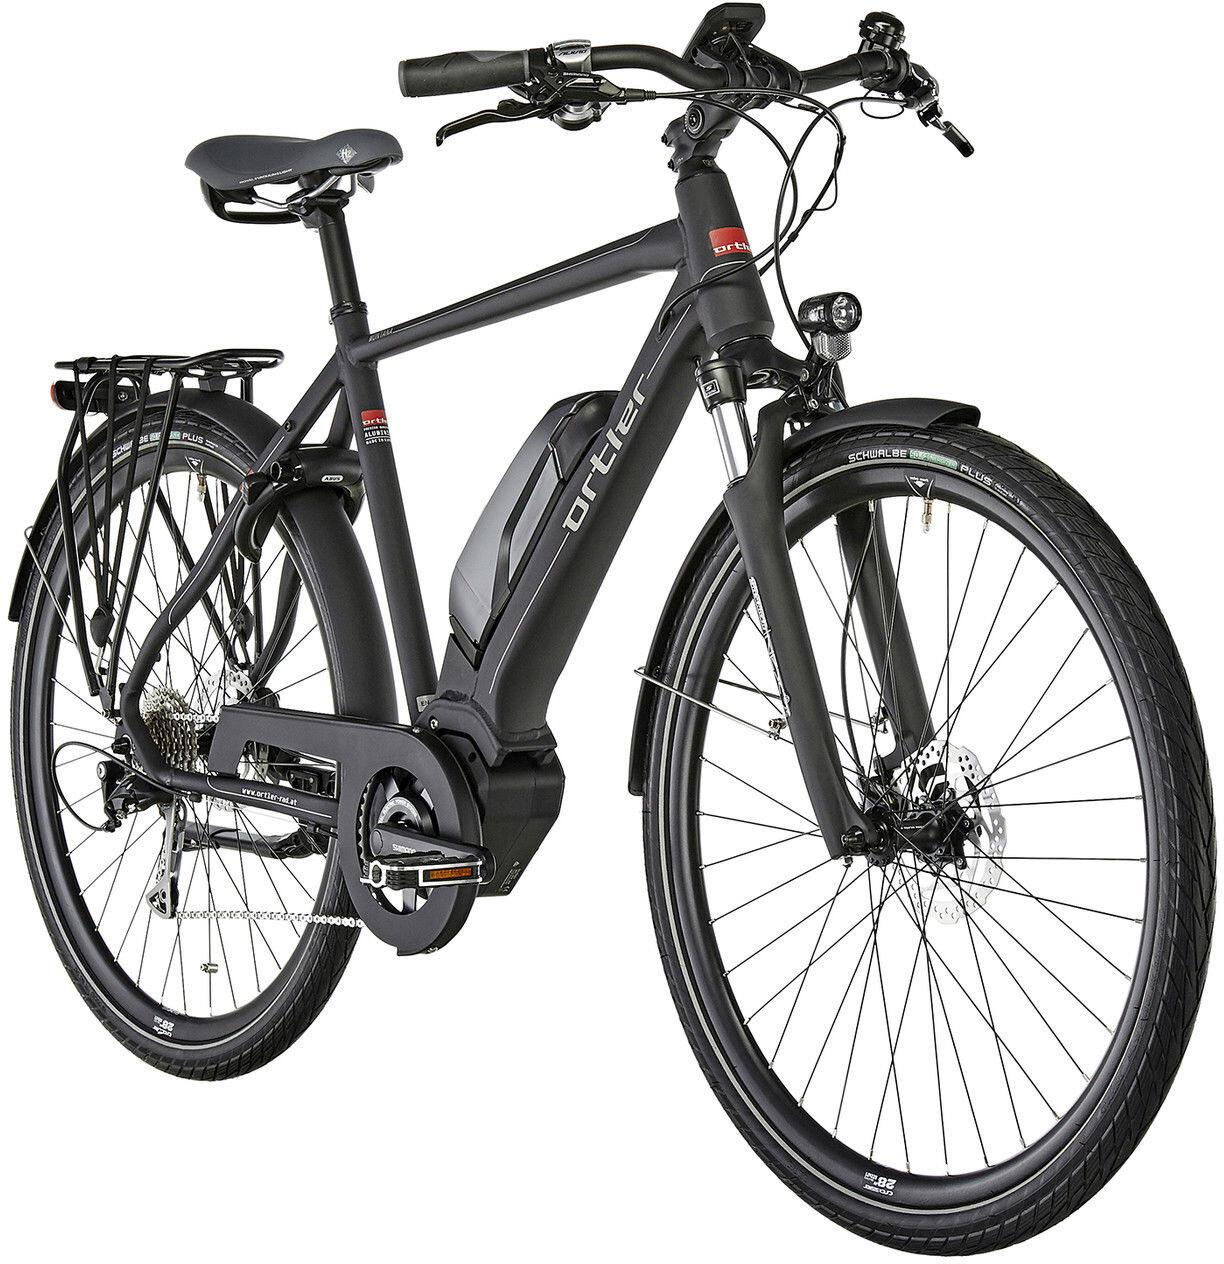 ortler montana e trekking bike black at. Black Bedroom Furniture Sets. Home Design Ideas